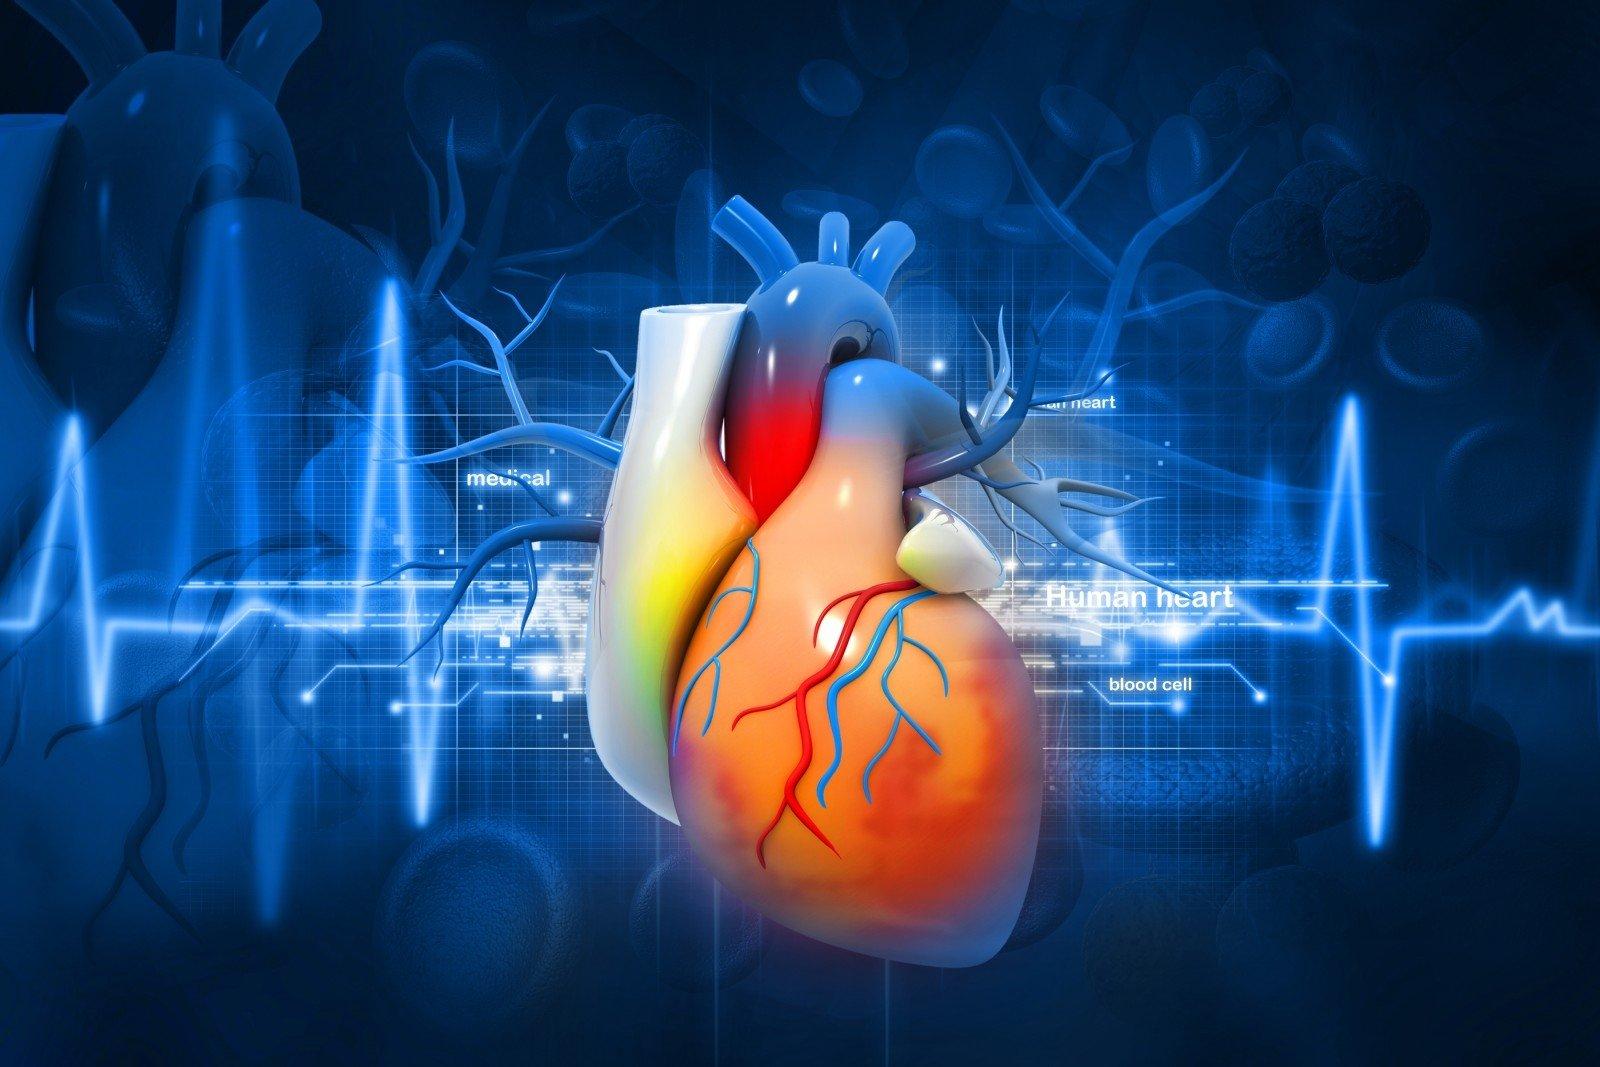 Širdies ir kraujagyslių ligos masiškai žudo Lietuvos vyrus, o kaip moterys?